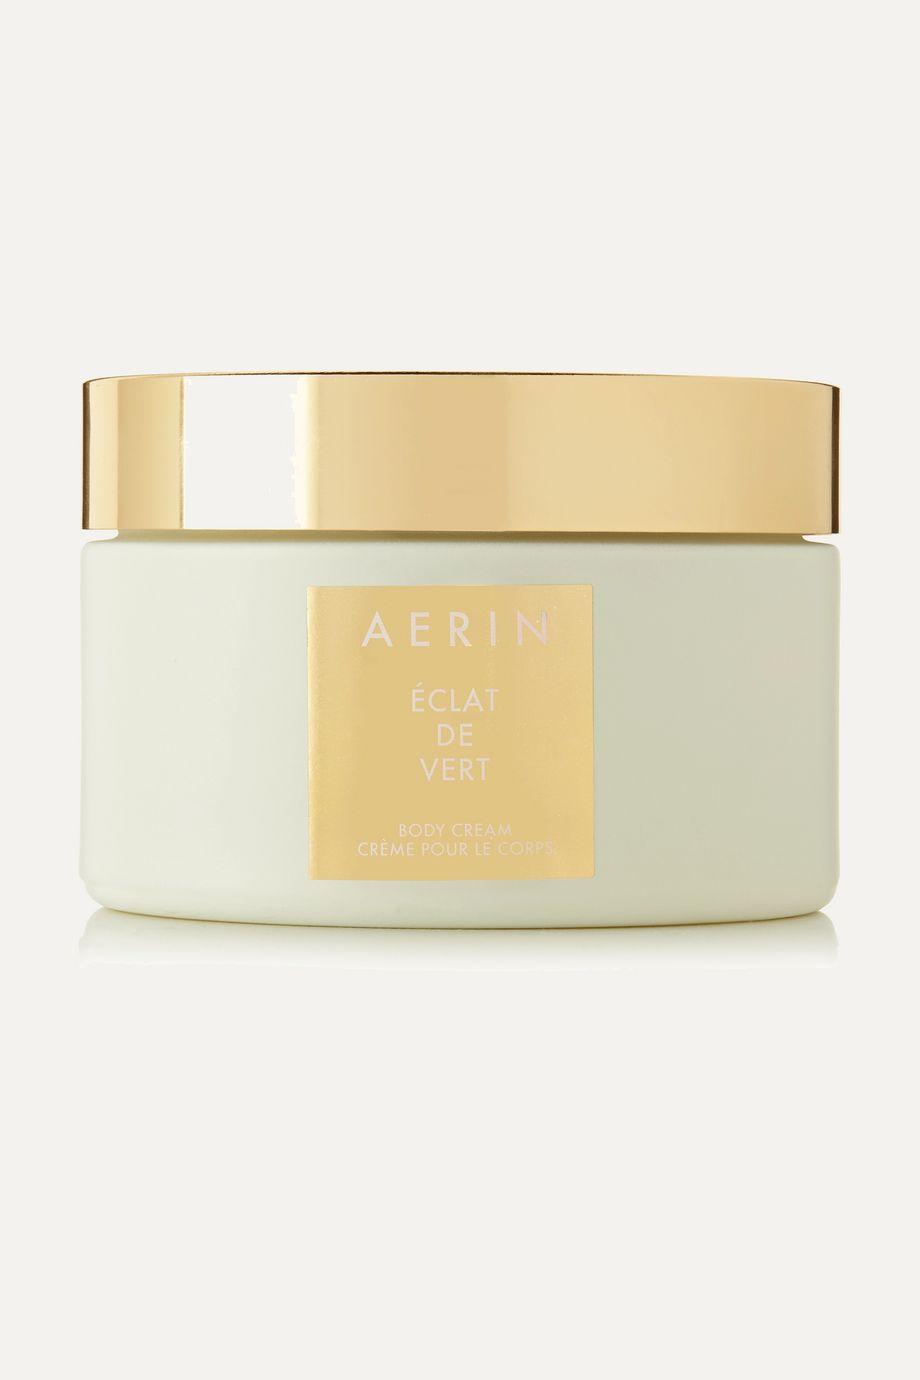 AERIN Beauty Éclat de Vert Body Cream, 190ml